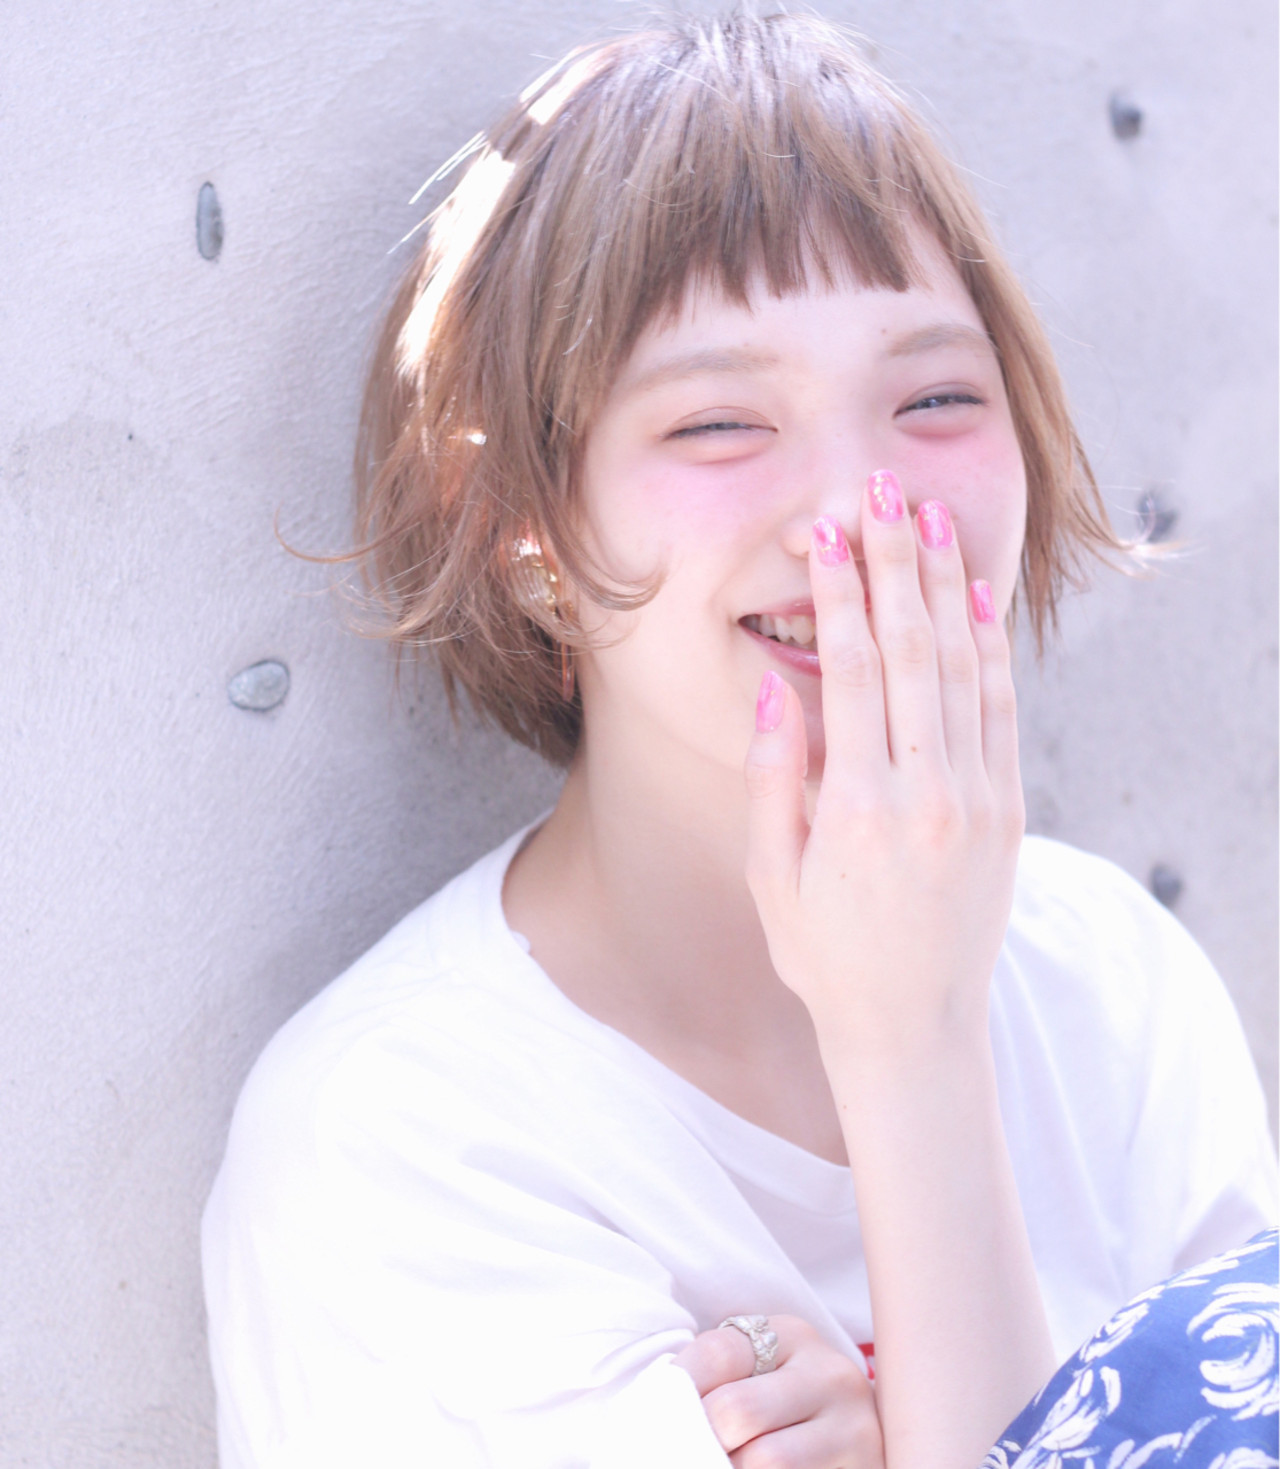 やっぱり可愛いショートボブ!ヘアスタイルに迷ったときにやりたい髪型10選 Wataru Maeda